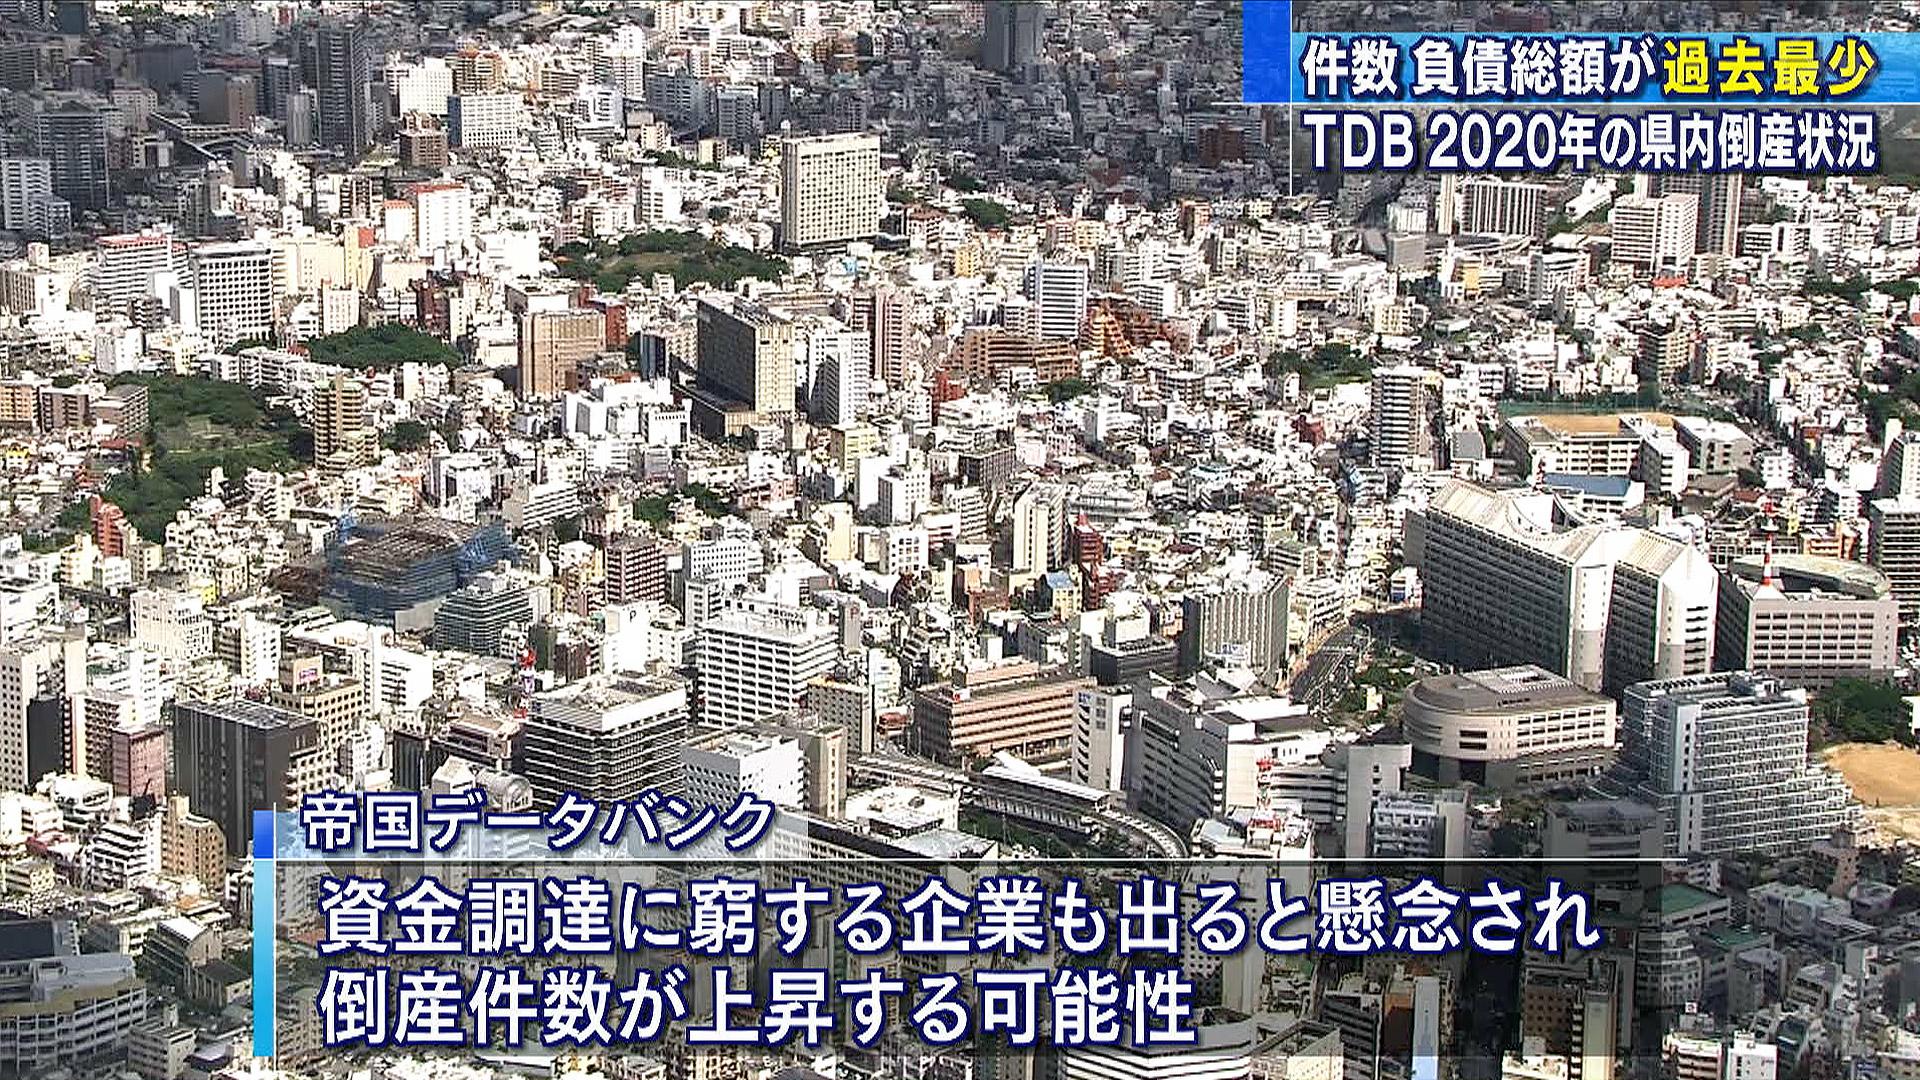 2020年 沖縄県内企業の倒産件数は27件